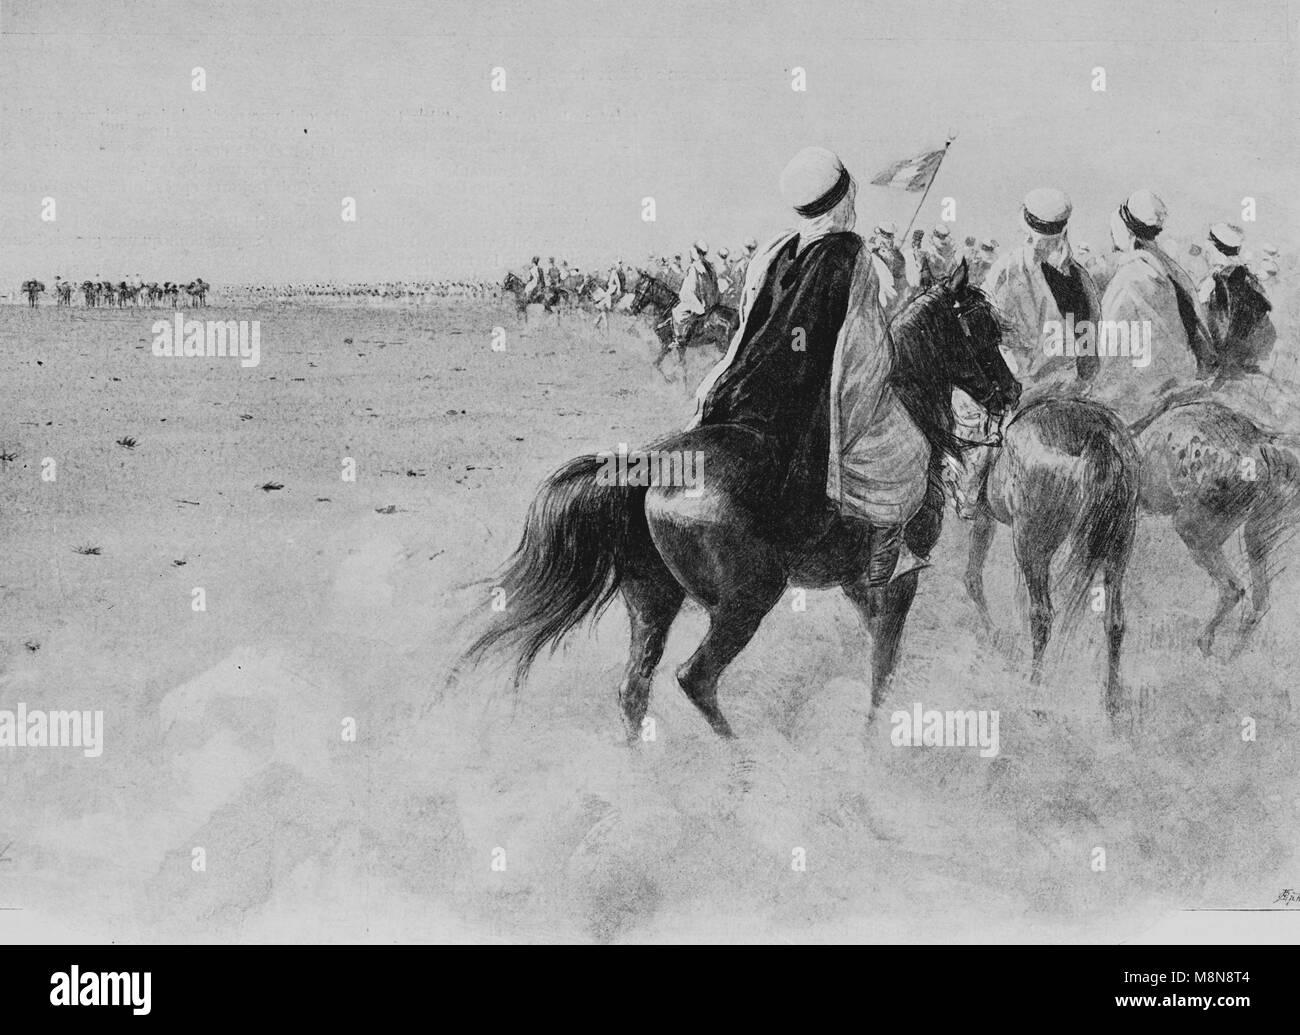 Französische Foureau-Lamy Expedition im Tschad im Jahr 1900, Expedition Wohnwagen, das Bild von der Französischen Stockbild